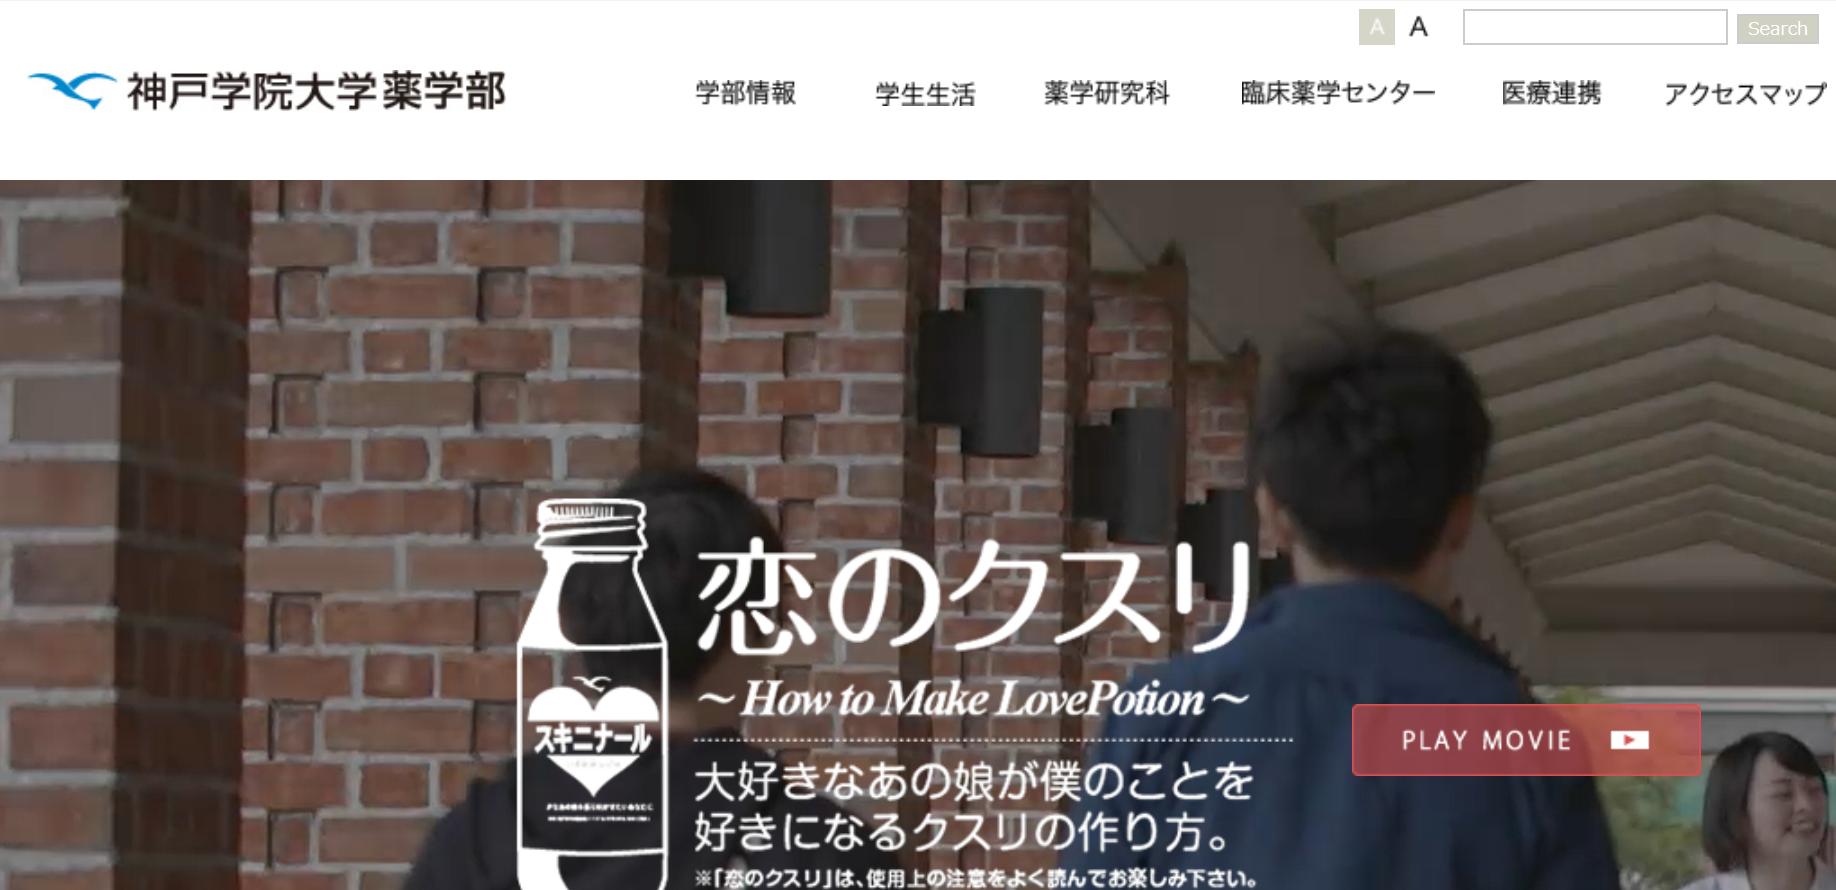 神戸 学院 大学 ホームページ